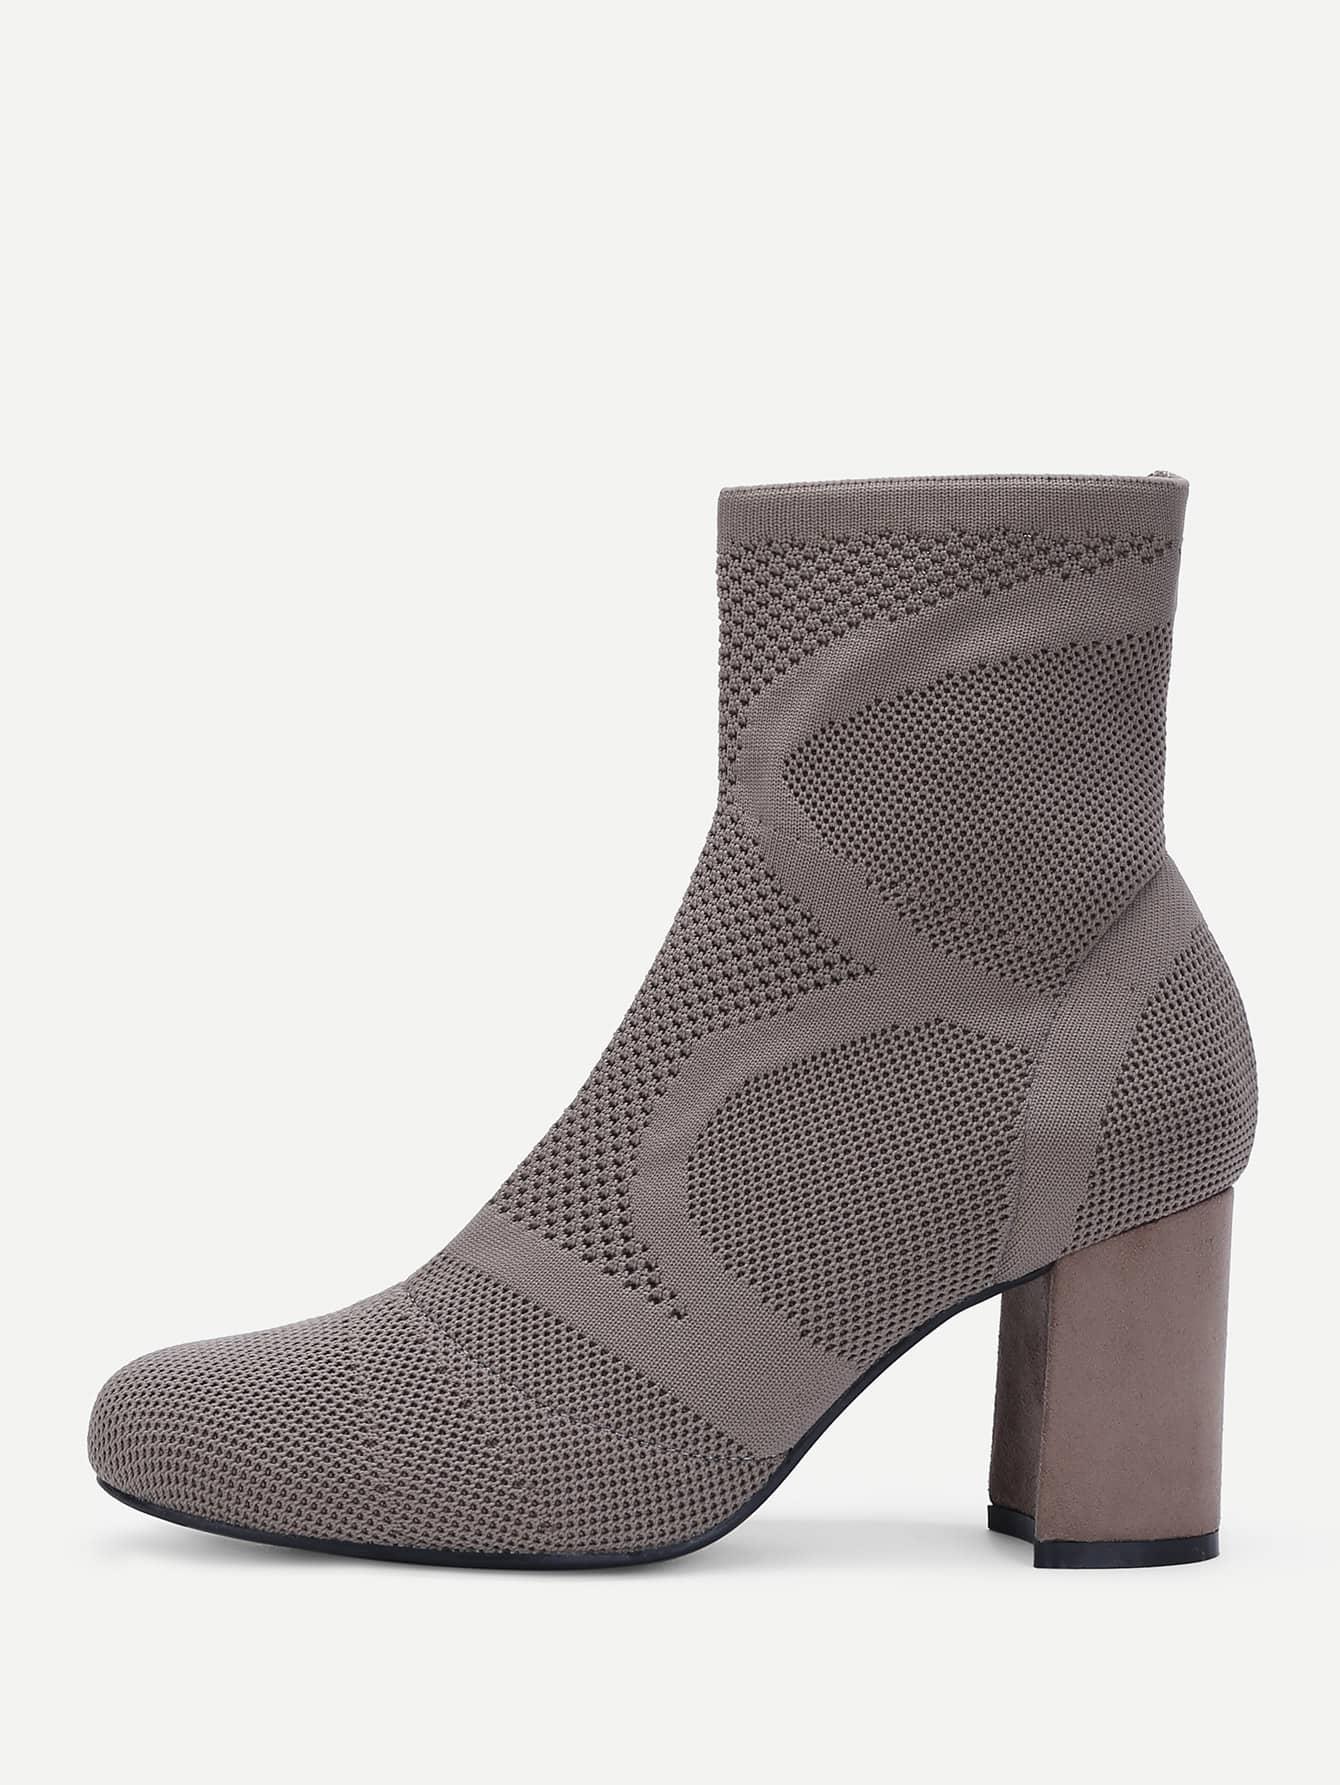 Купить Модные полусапожки на каблуках, null, SheIn